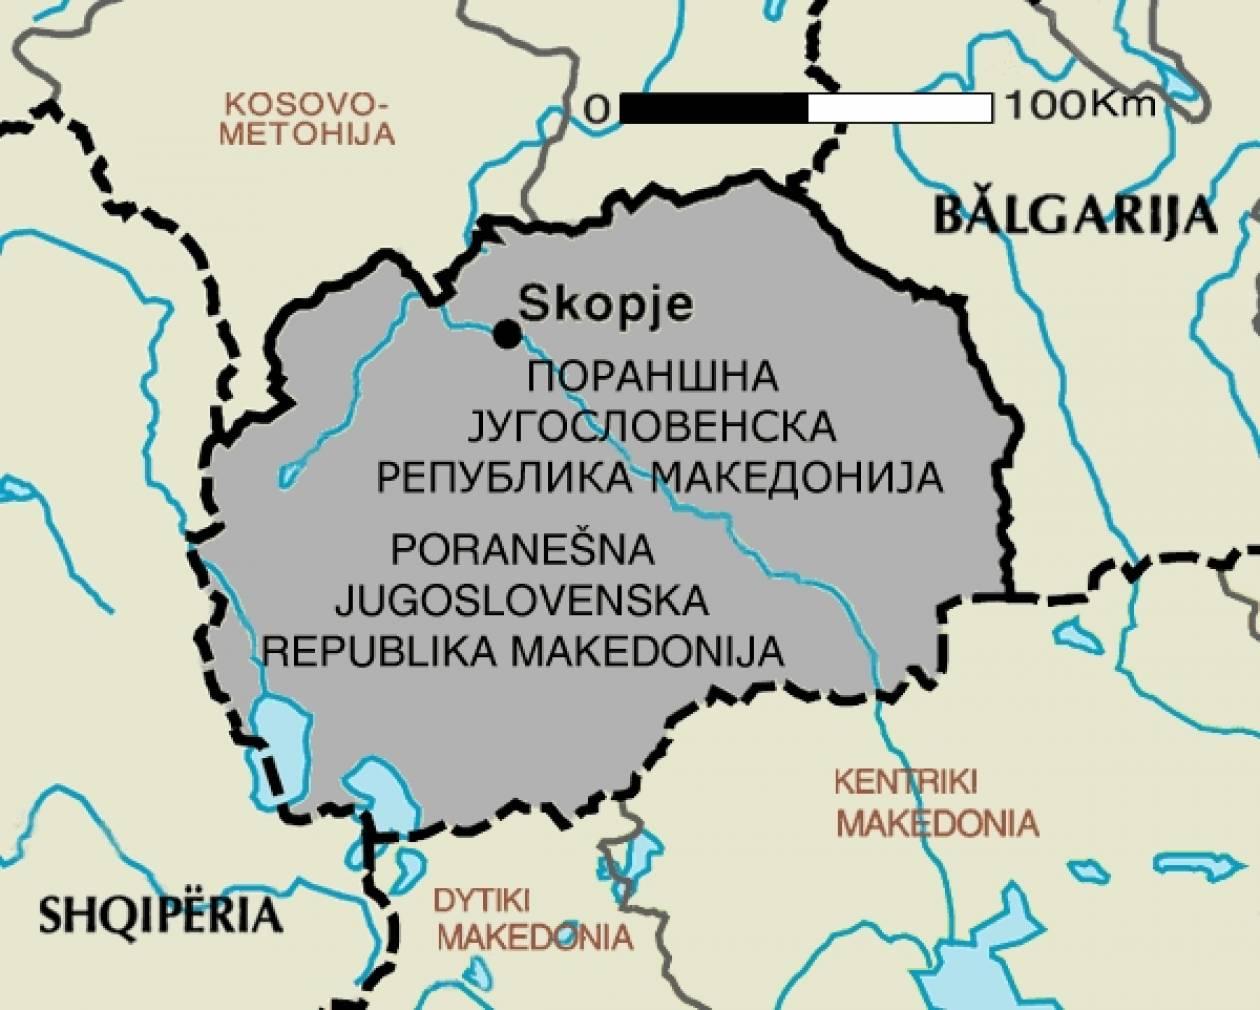 Βουλγαρία: Αναγνώριση των 120 χιλιάδων Βουλγάρων στα Σκόπια